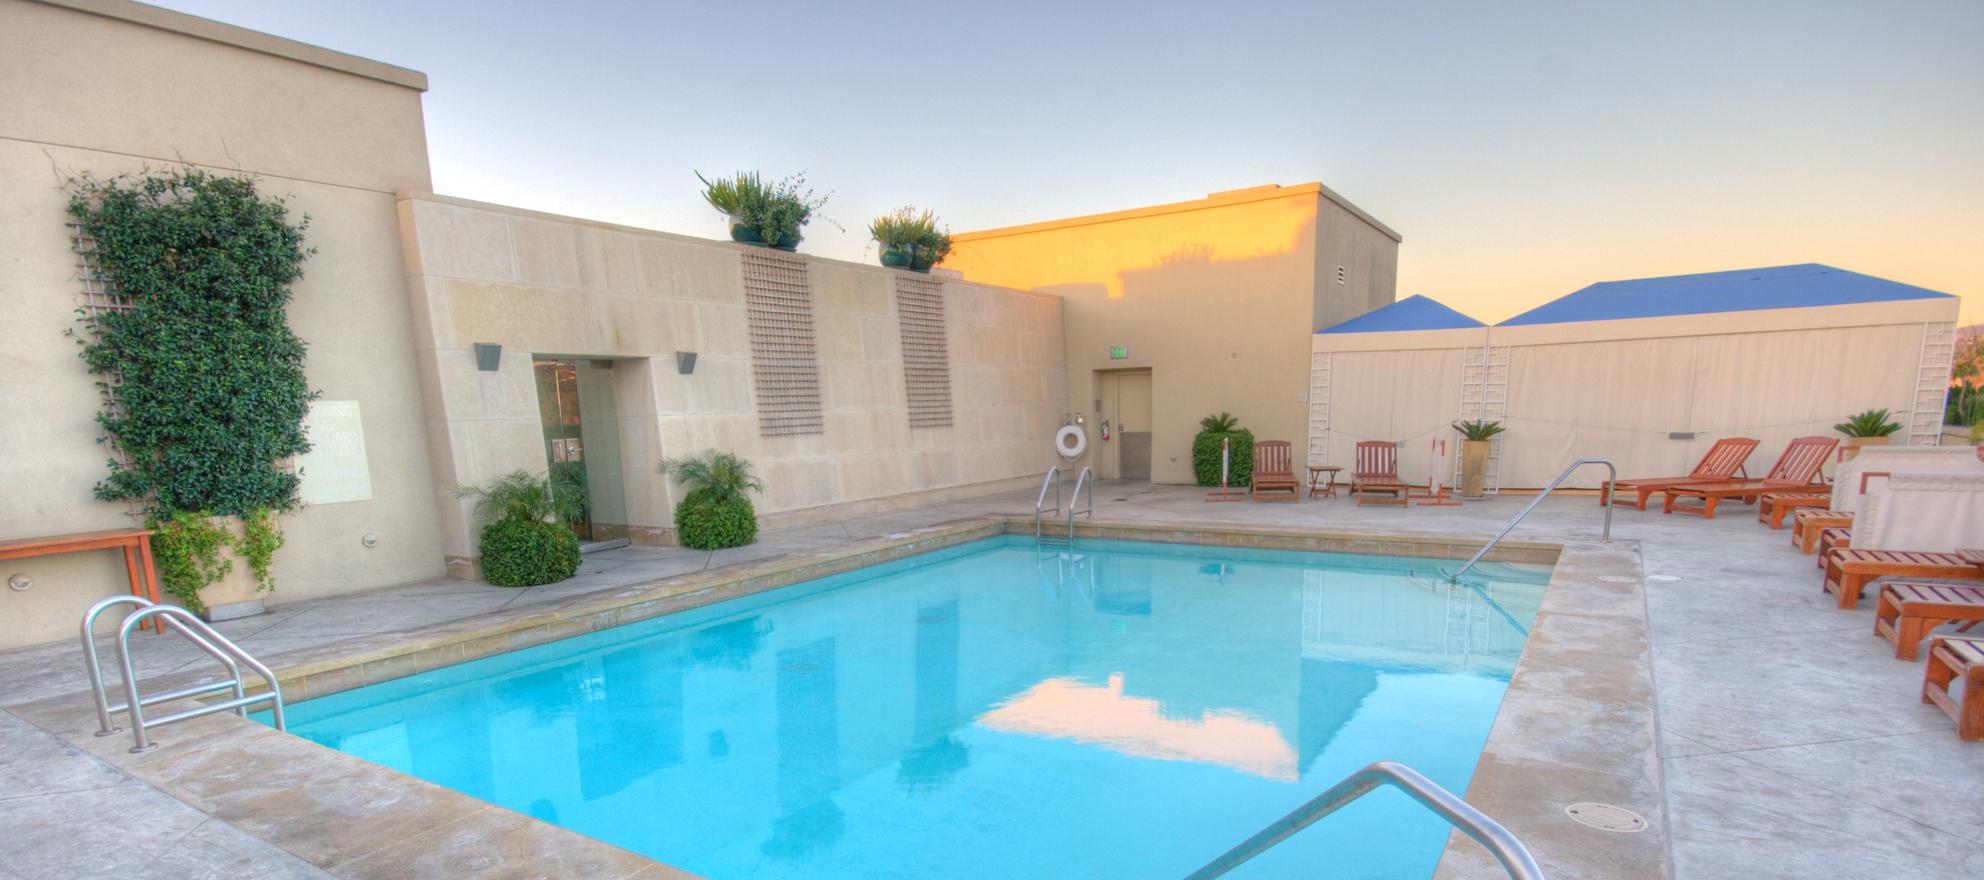 LA home price